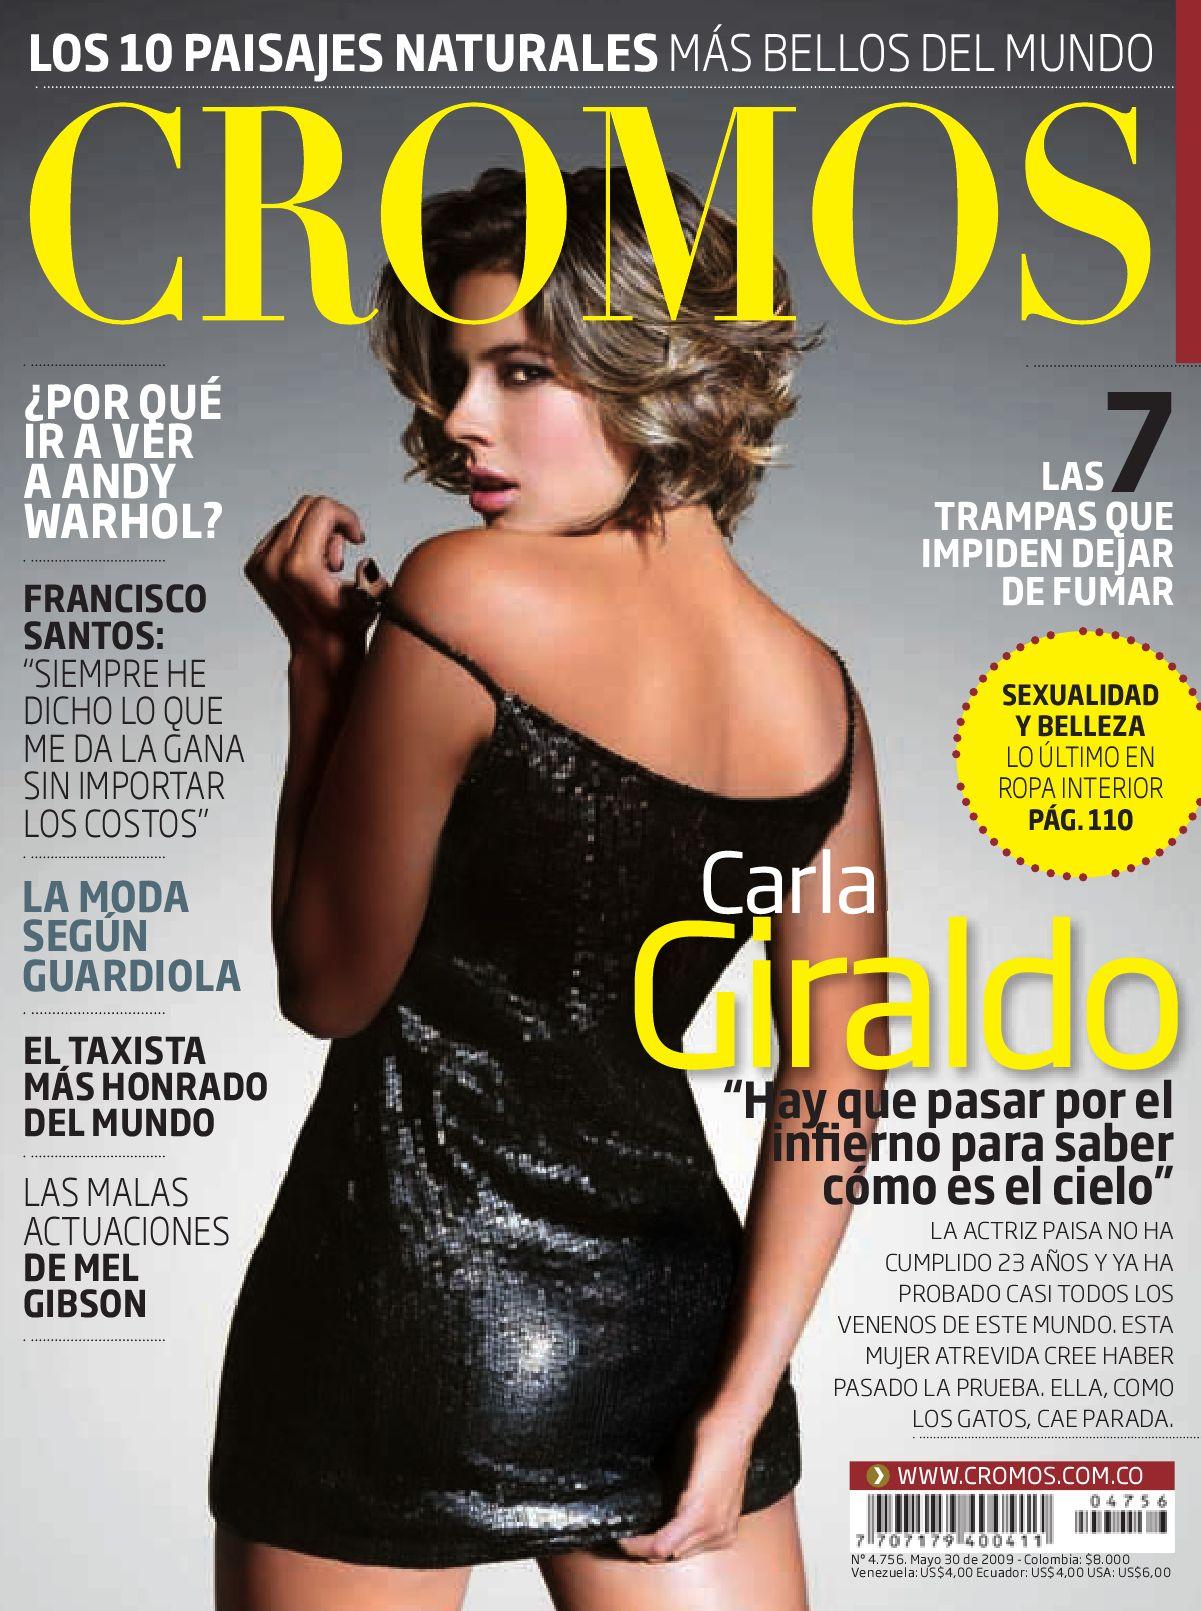 Revista Cromos edición 4756 by Cromos.com.co - issuu